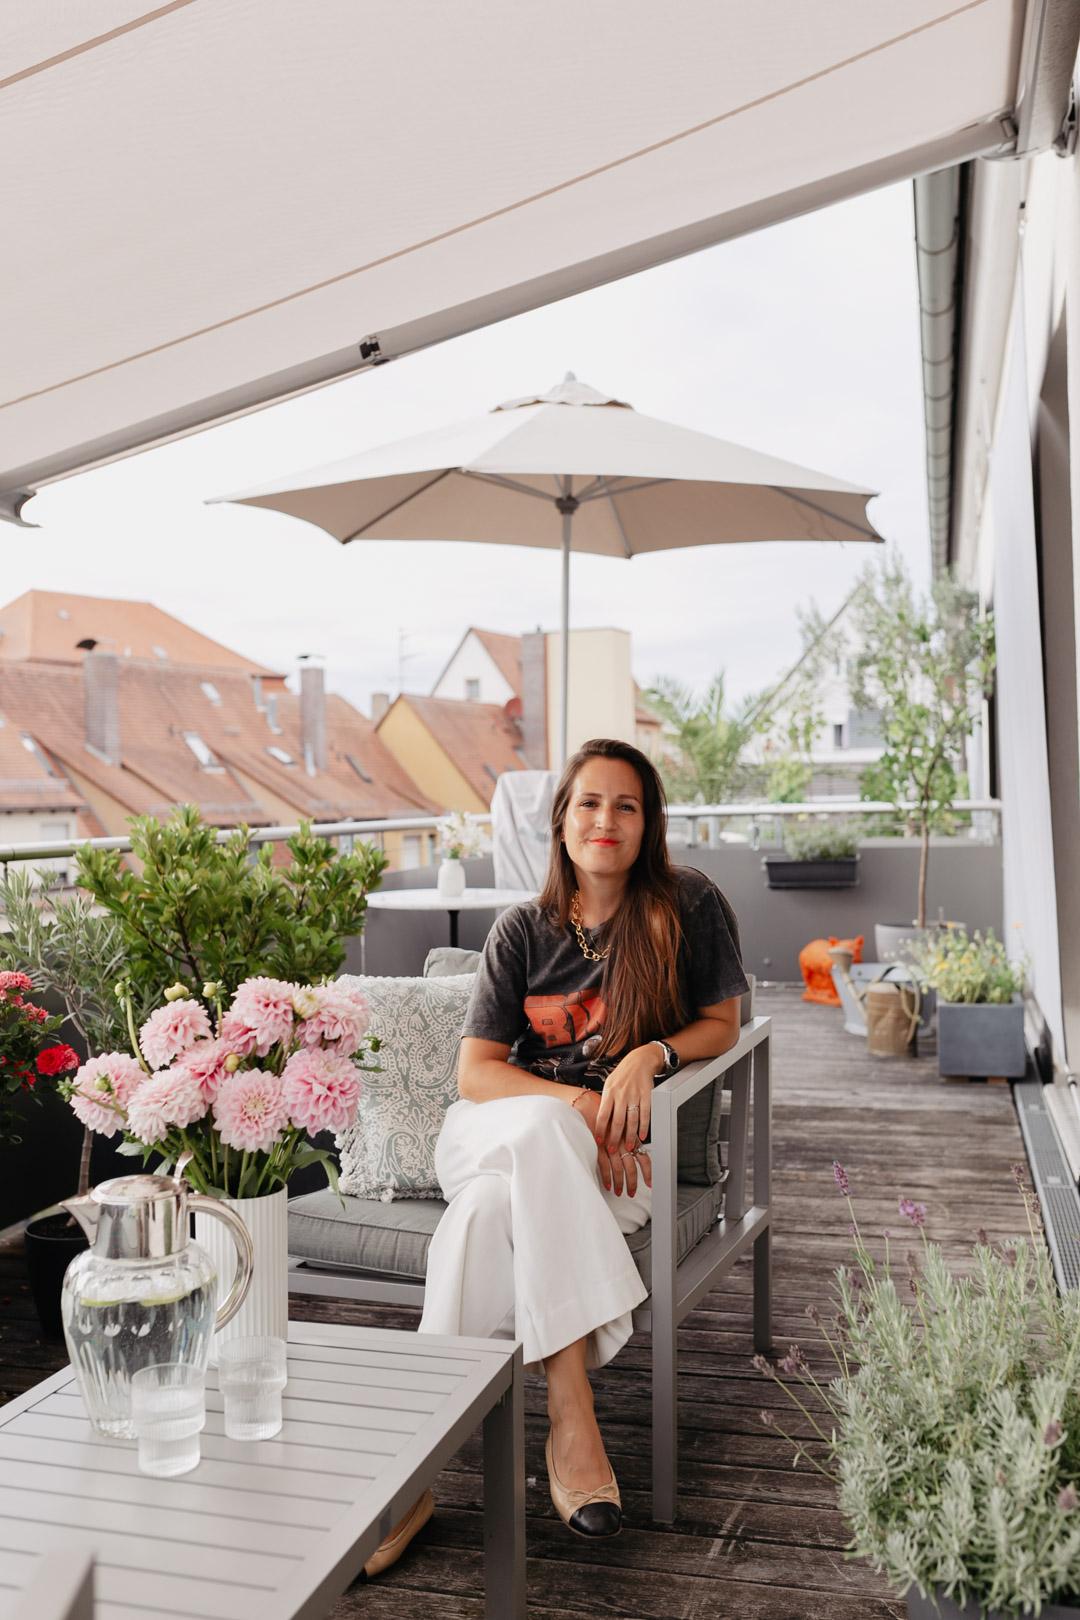 Balkonien 2020 – Unsere Dachterrasse im Loft | www.piecesofmariposa.com